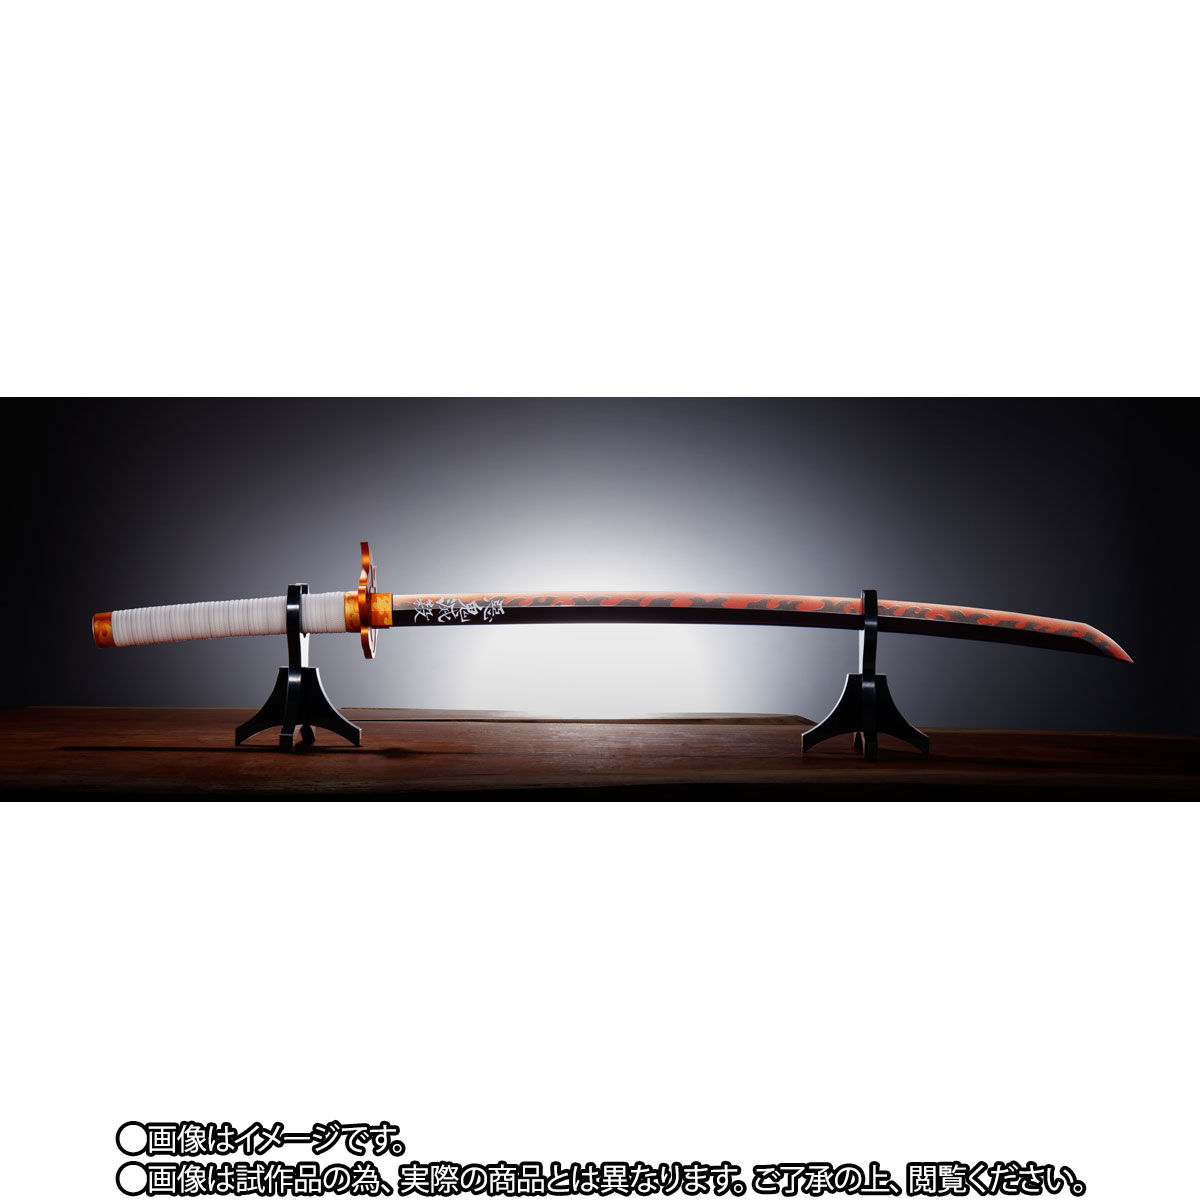 【限定販売】【再販】PROPLICA プロップリカ『日輪刀(煉獄杏寿郎)』鬼滅の刃 変身なりきり-002